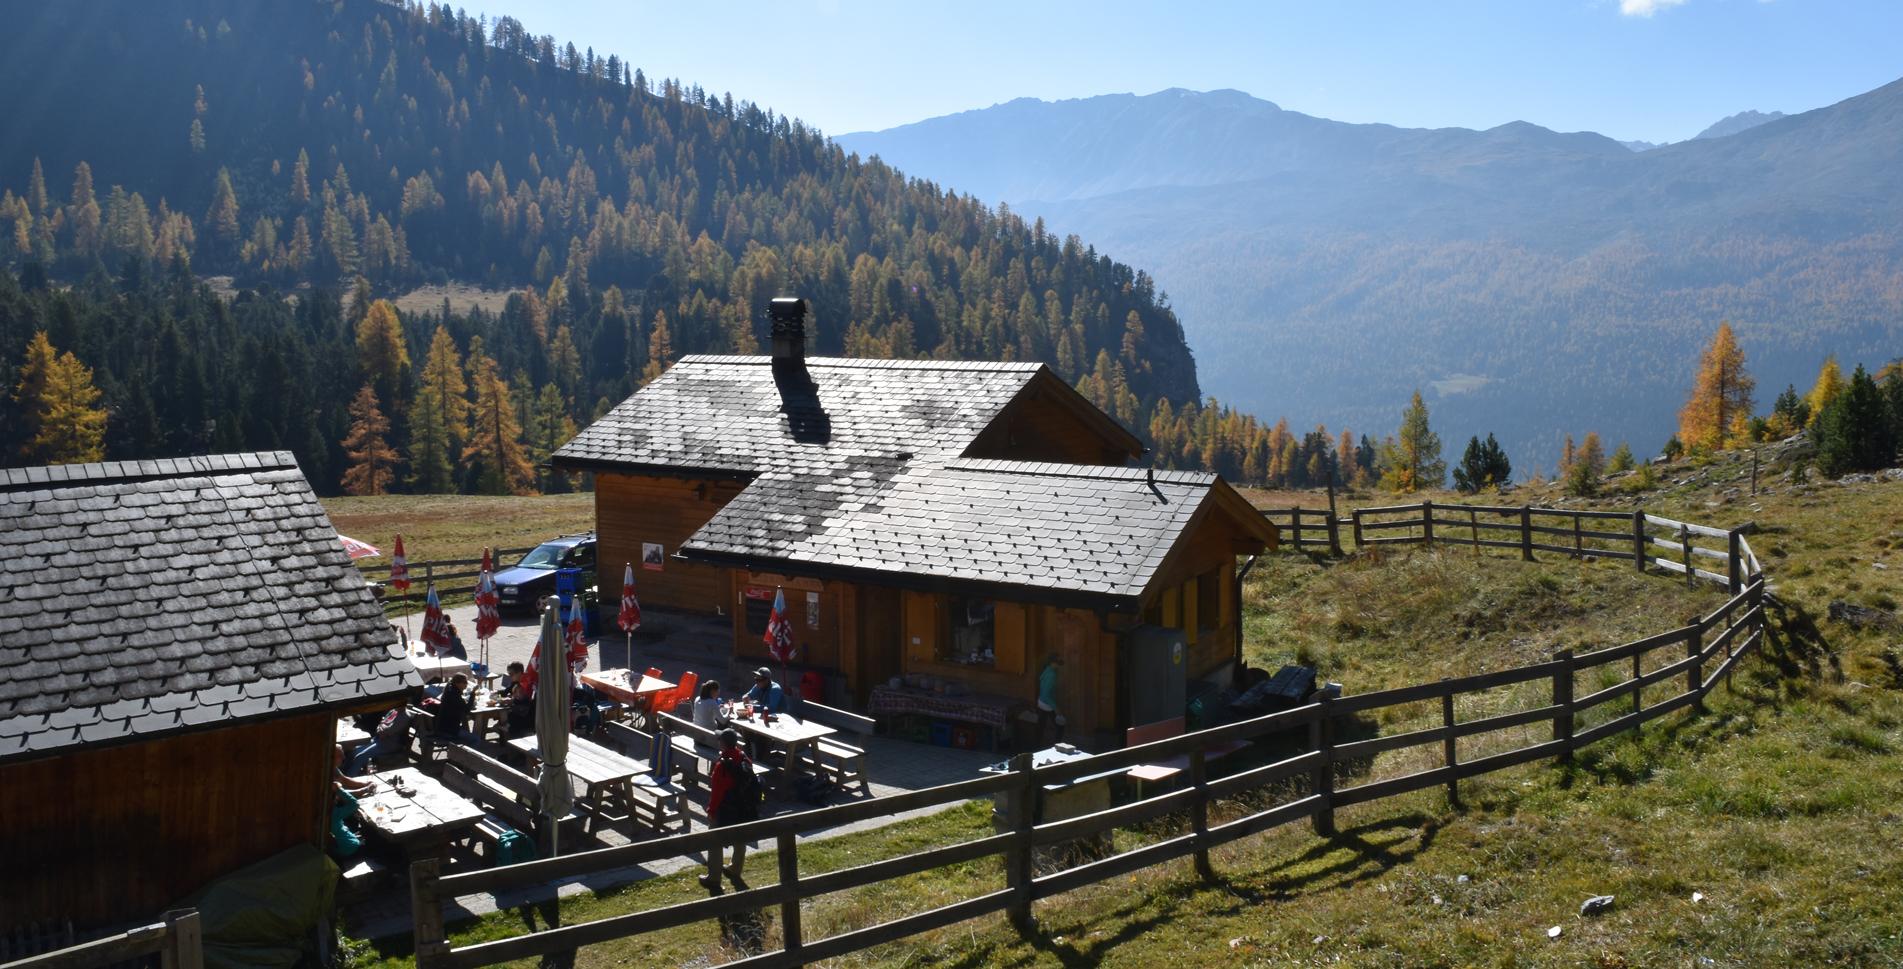 Wanderung im Nationalpark vom Ofenpass nach Lü auf dem Senda Val Müstair (Münstertal)